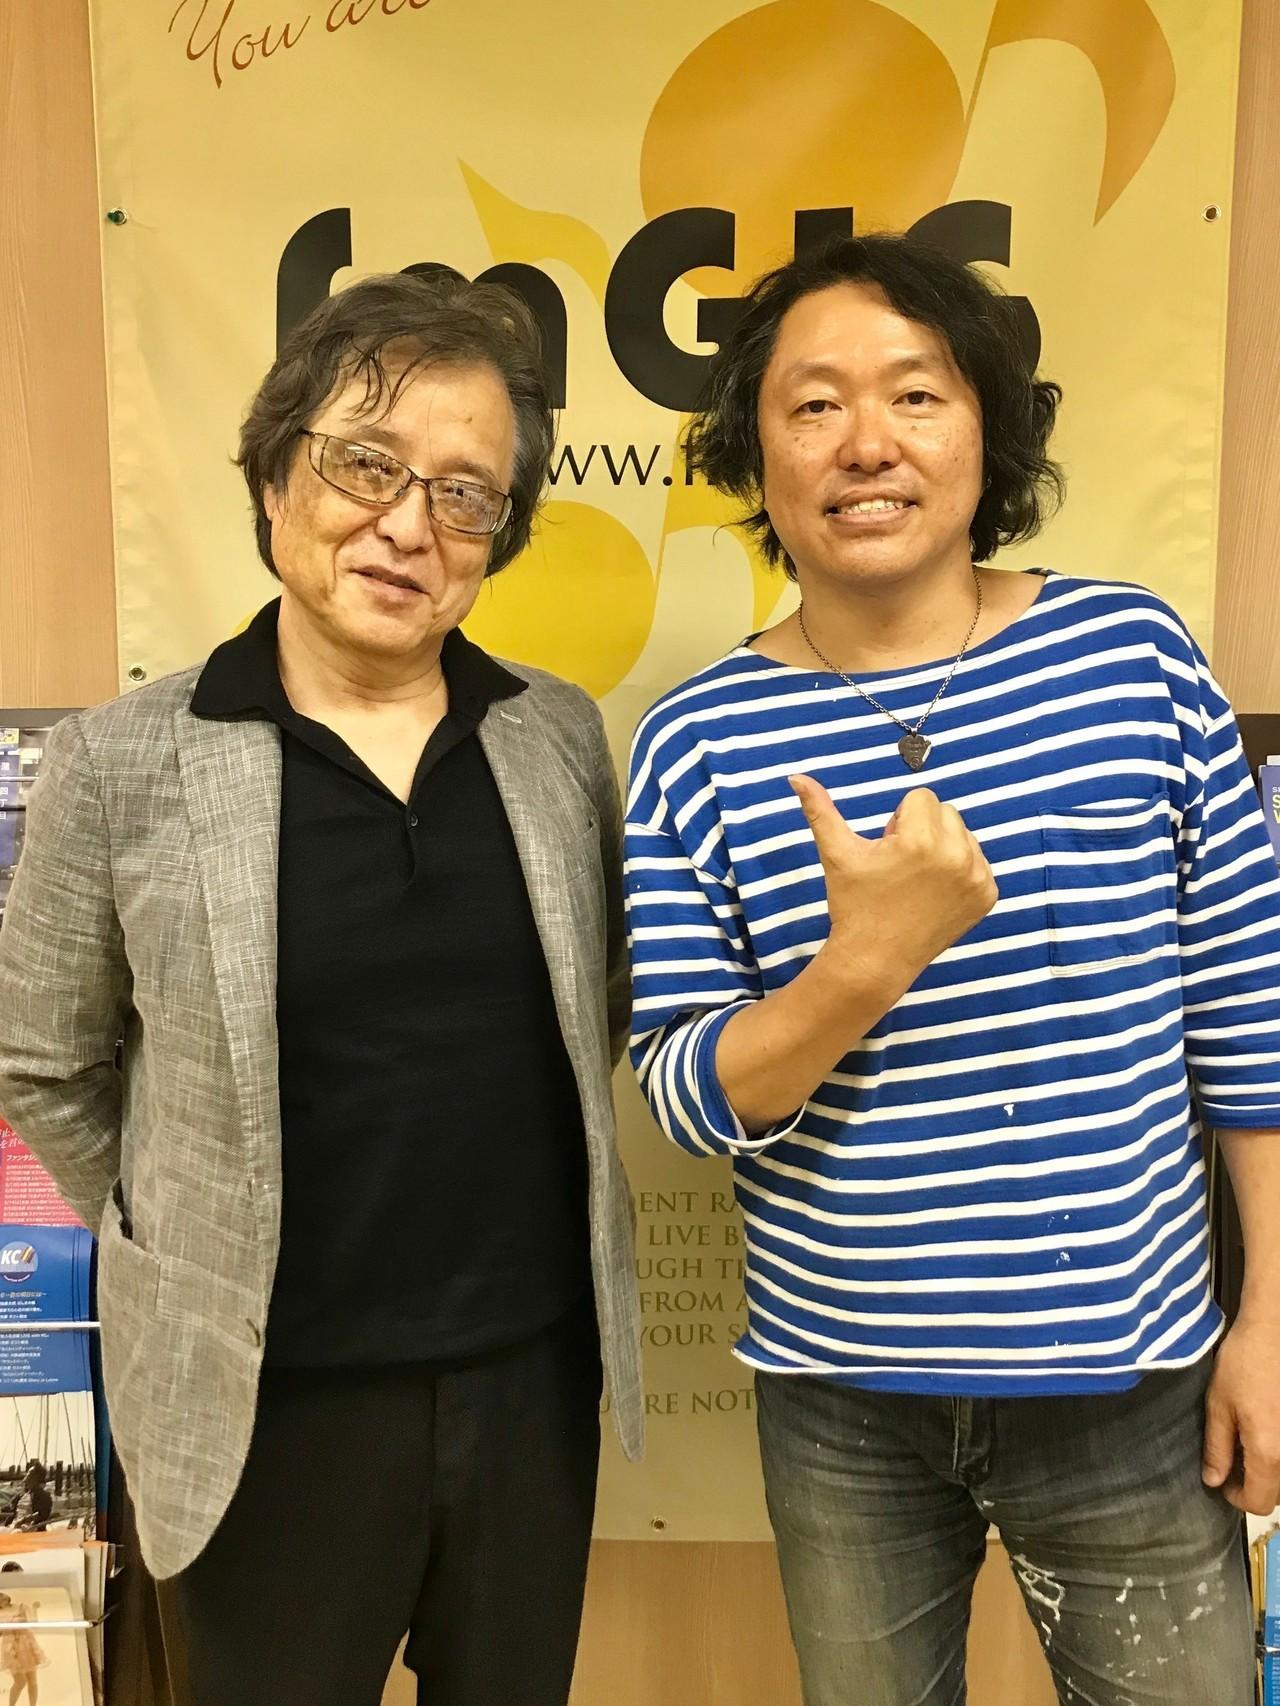 ビートルズをハモる約束をしたよ!〜島田荘司先生をゲストにお迎えして ...